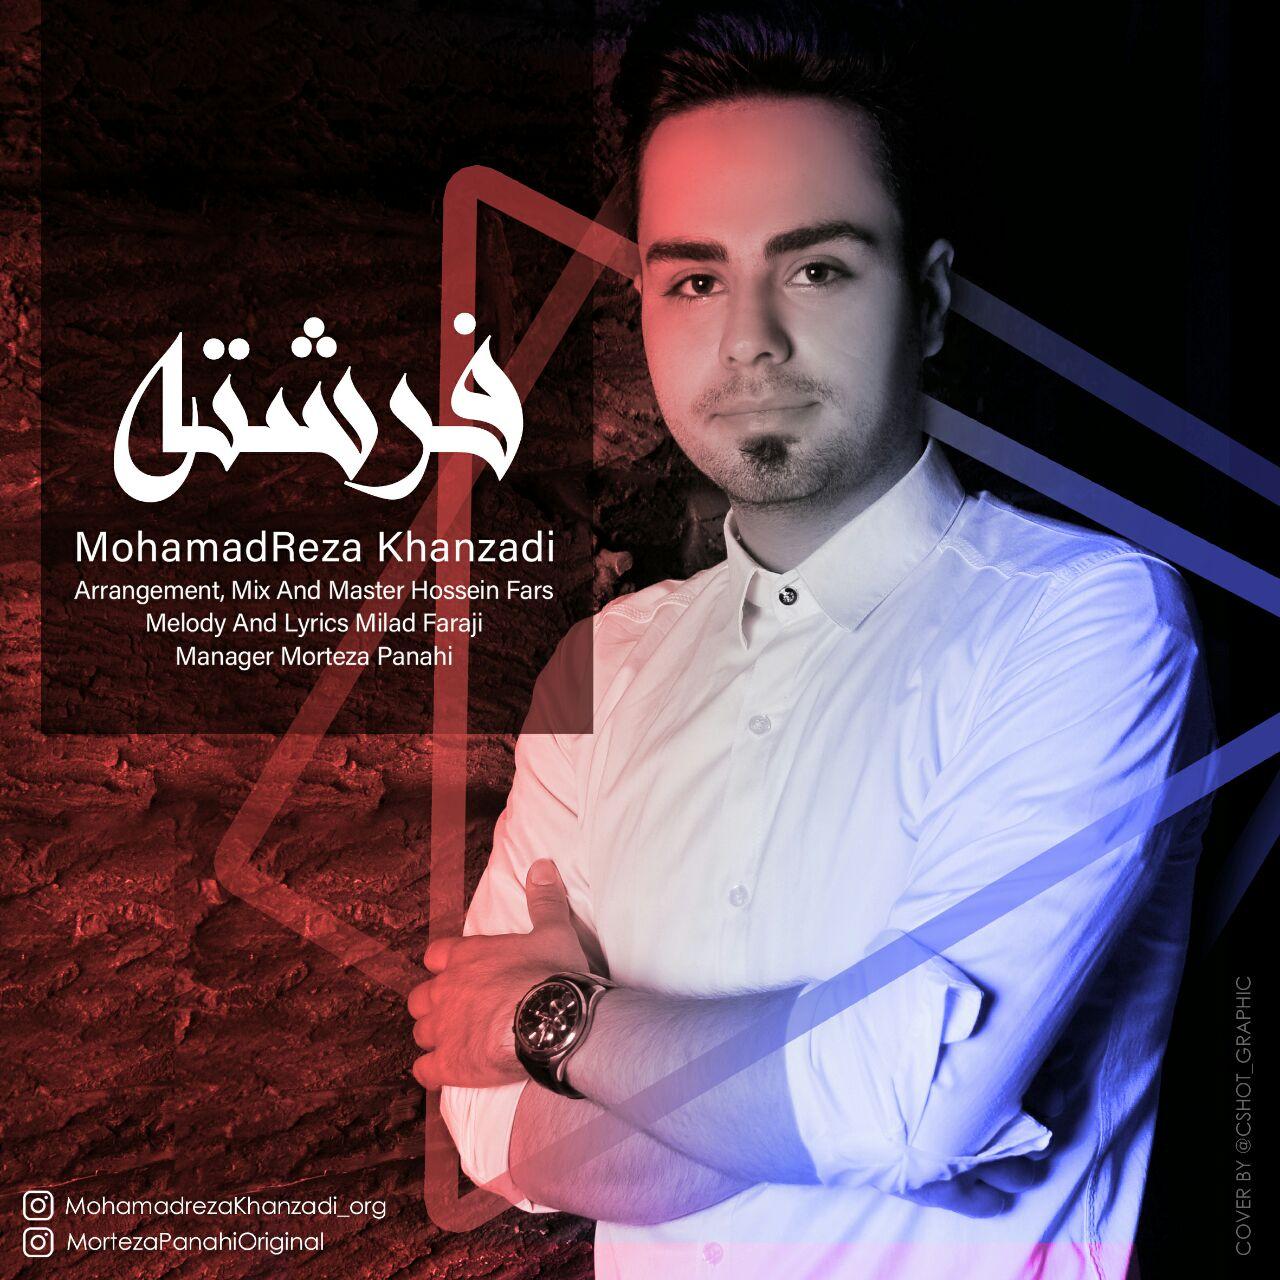 دانلود آهنگ محمدرضا خان زادی بنام فرشته